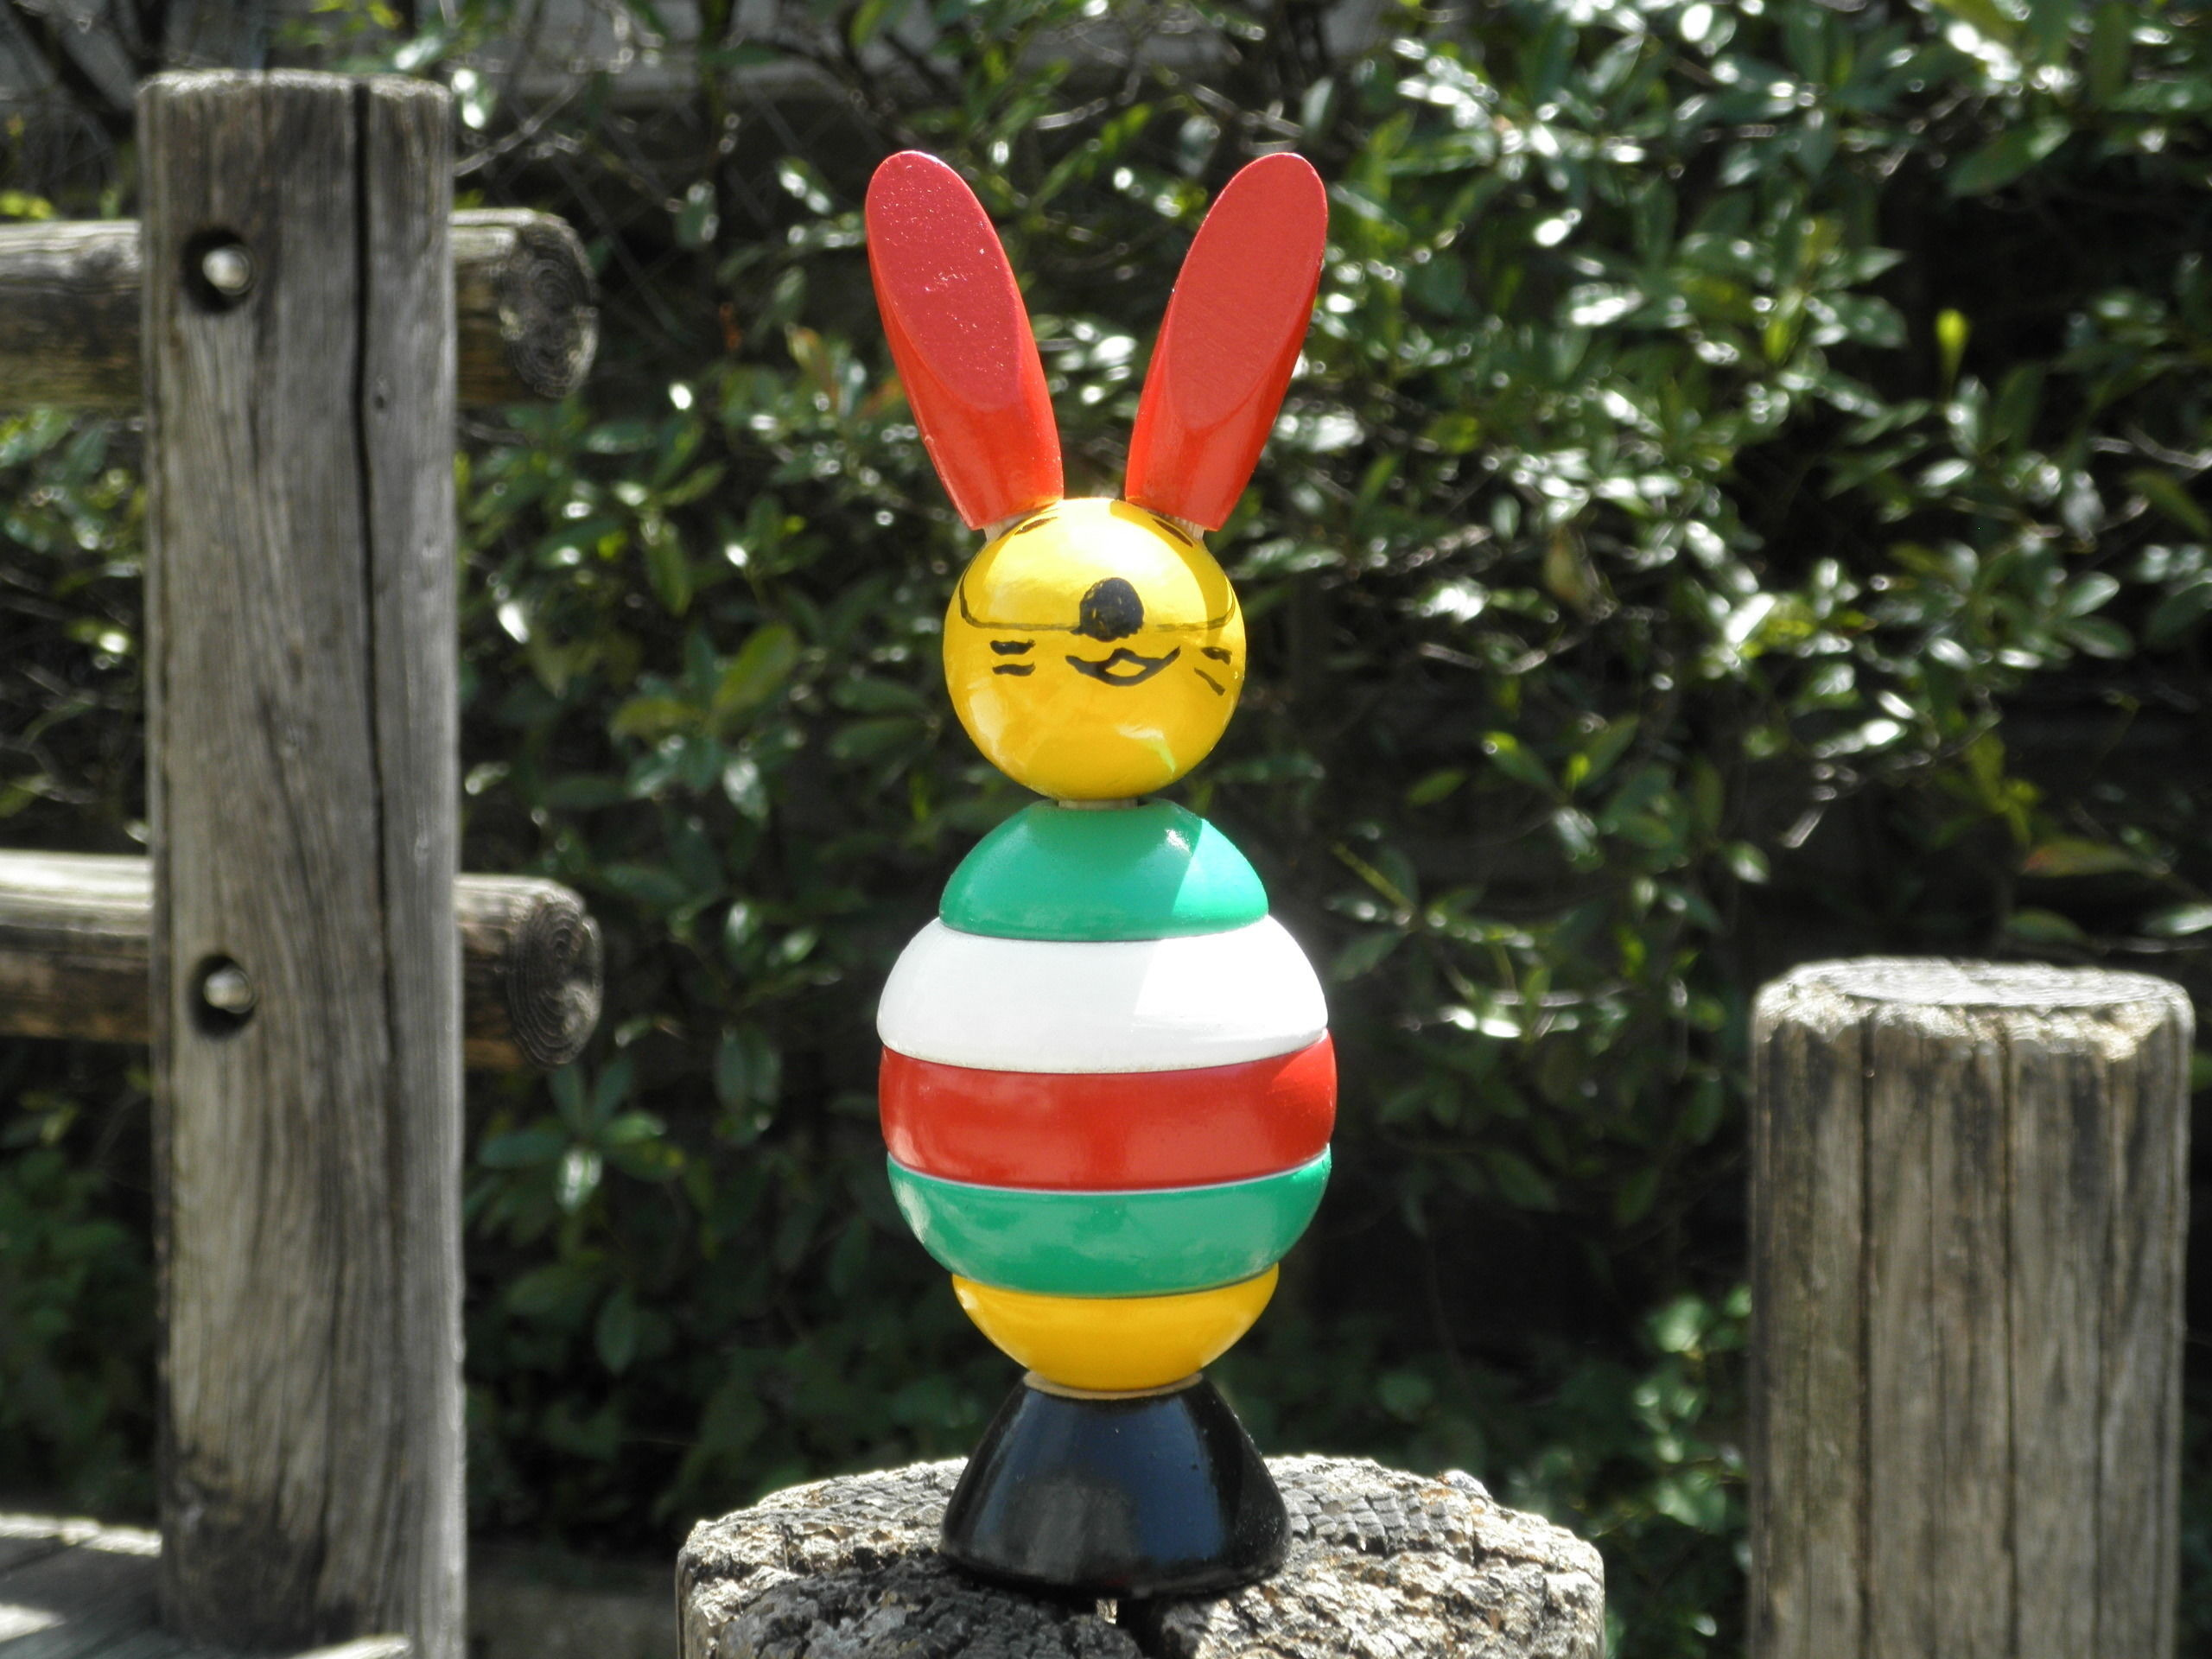 ノルウェー製手作りおもちゃ「ウサギ」